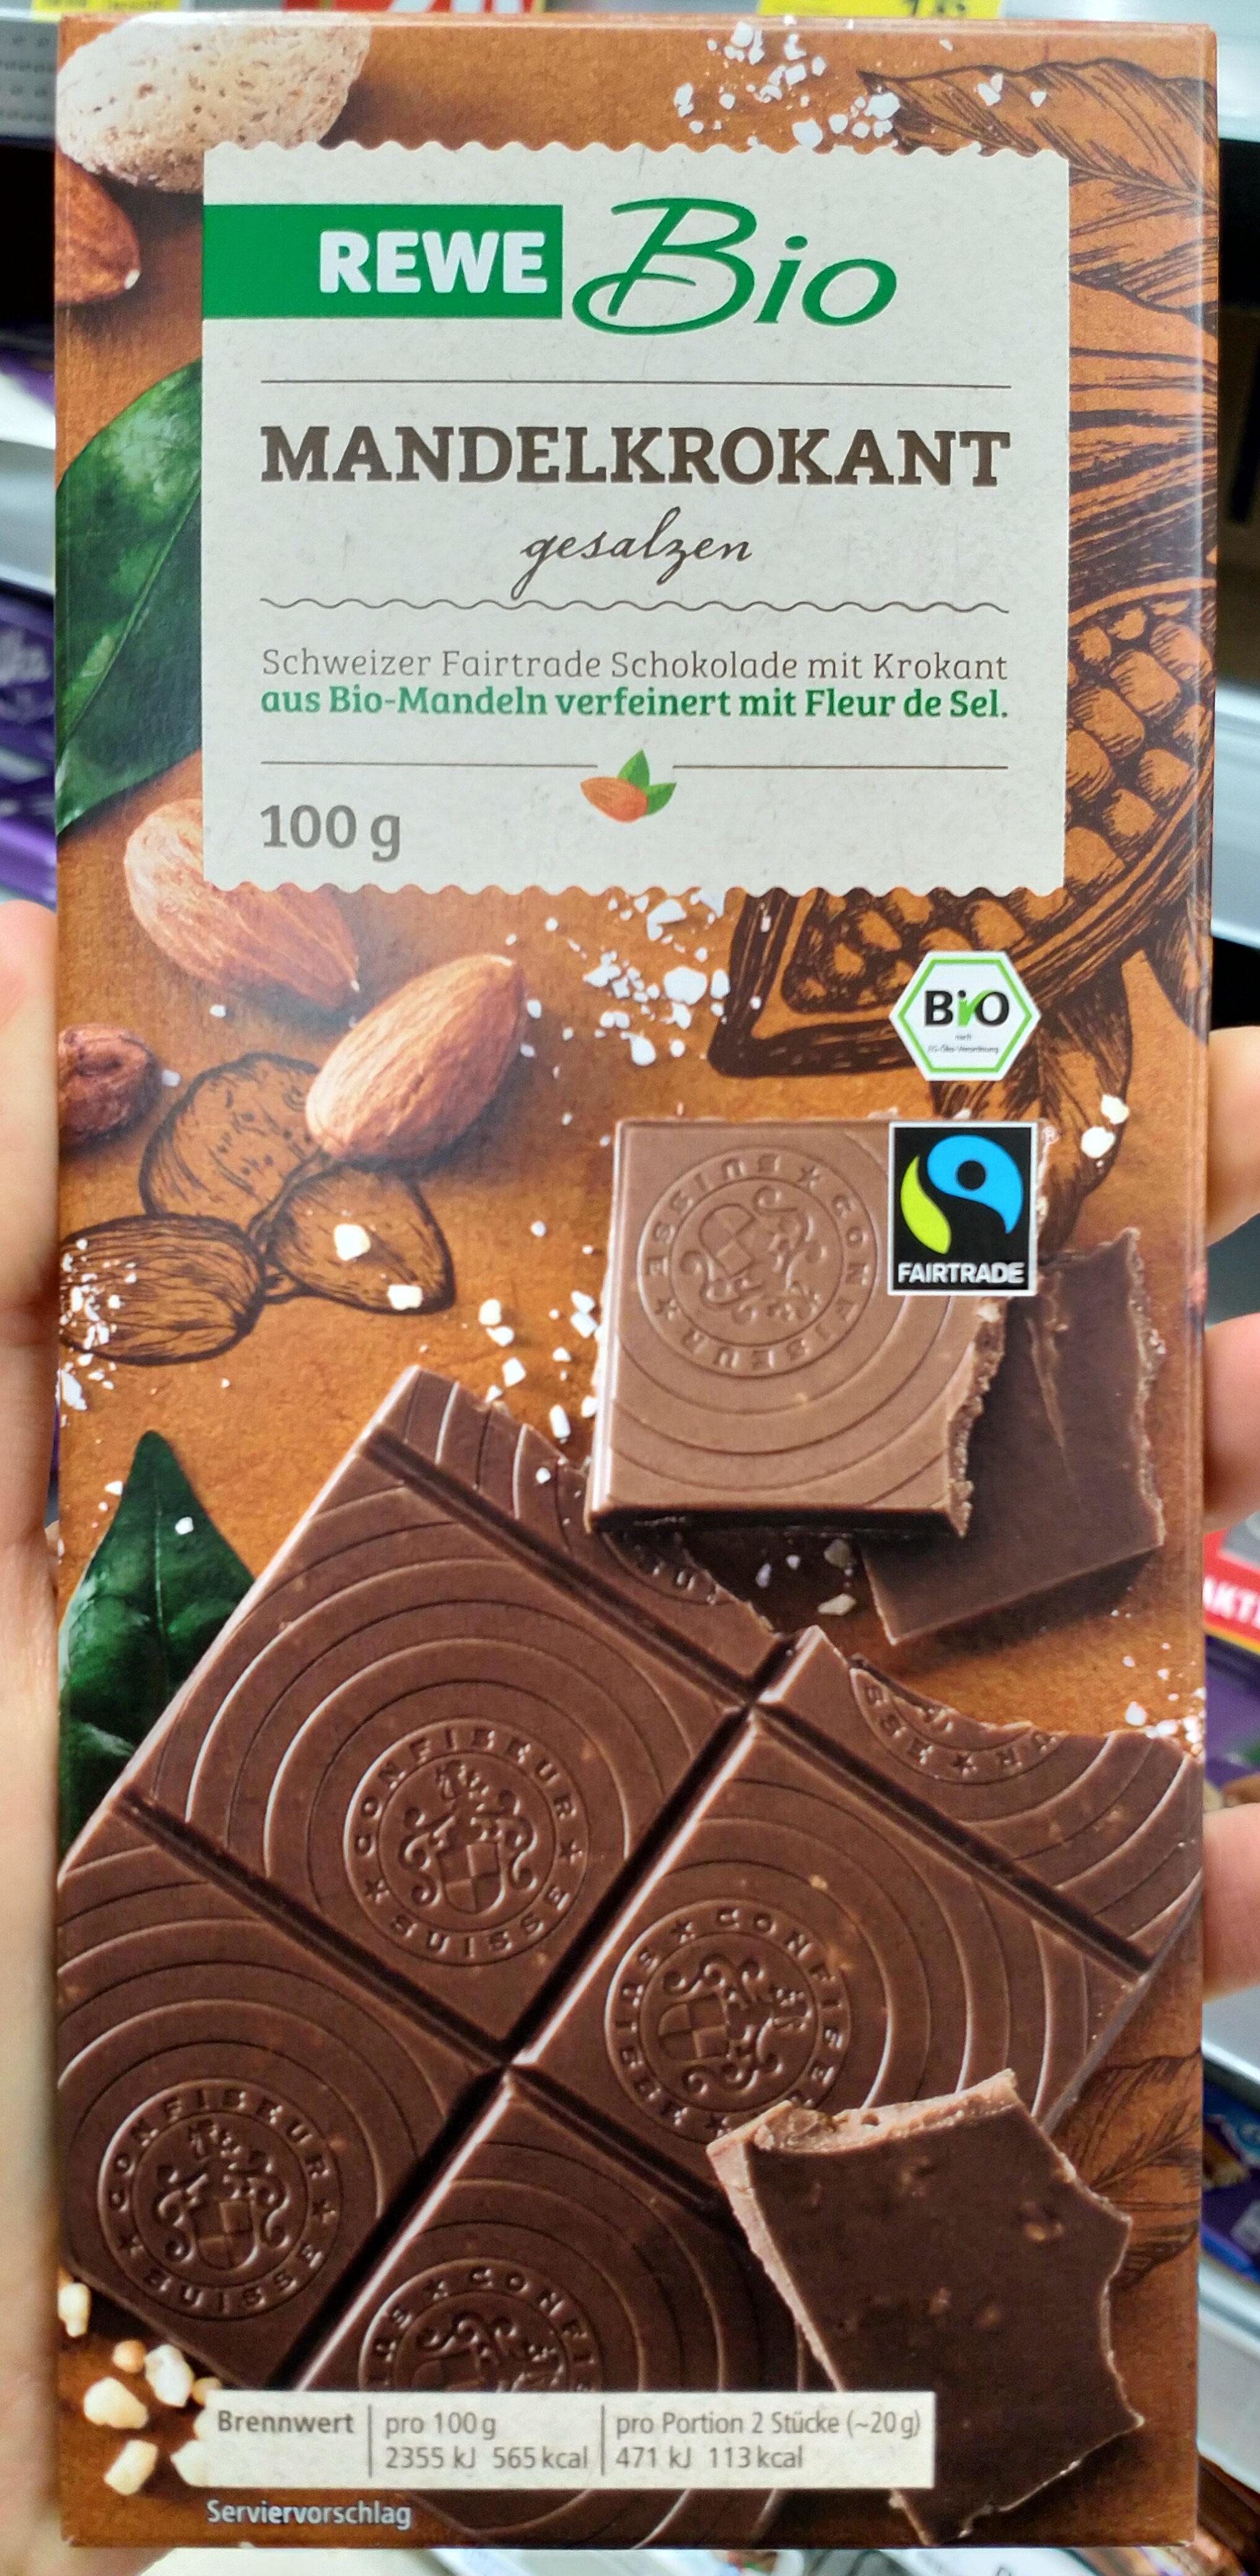 Mandelkrokant-Schokolade - Produkt - de